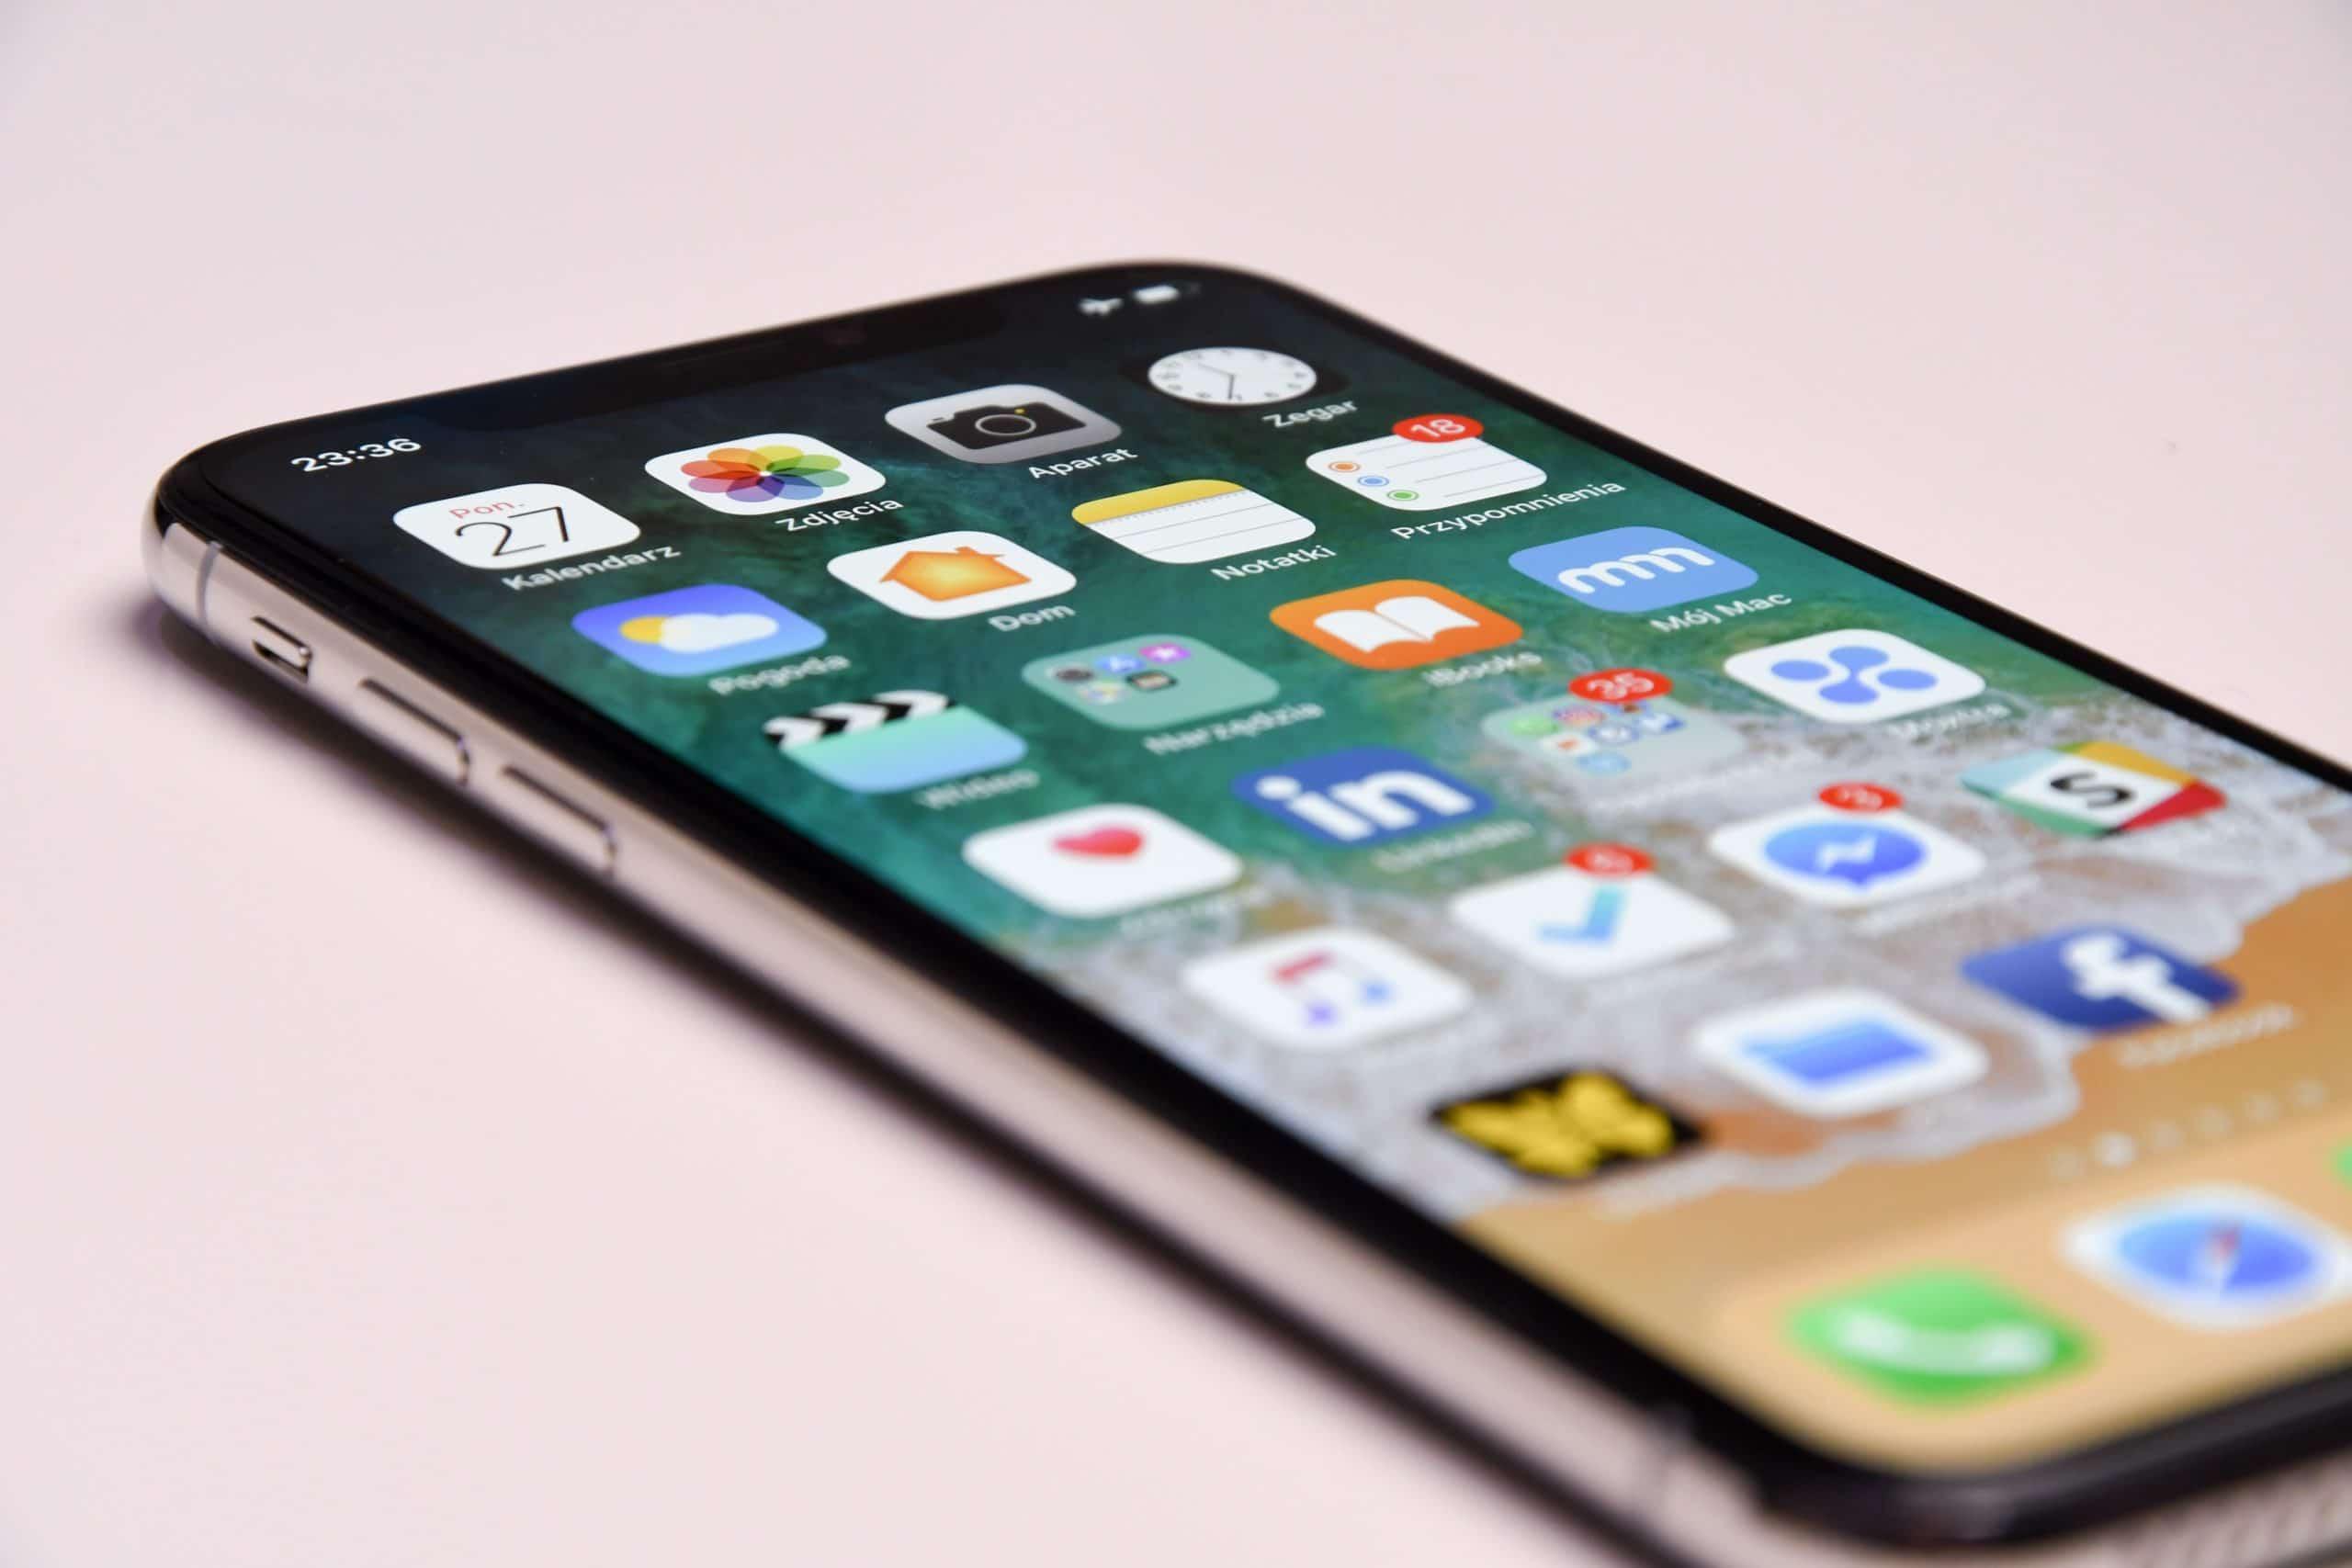 Tela de início do iPhone